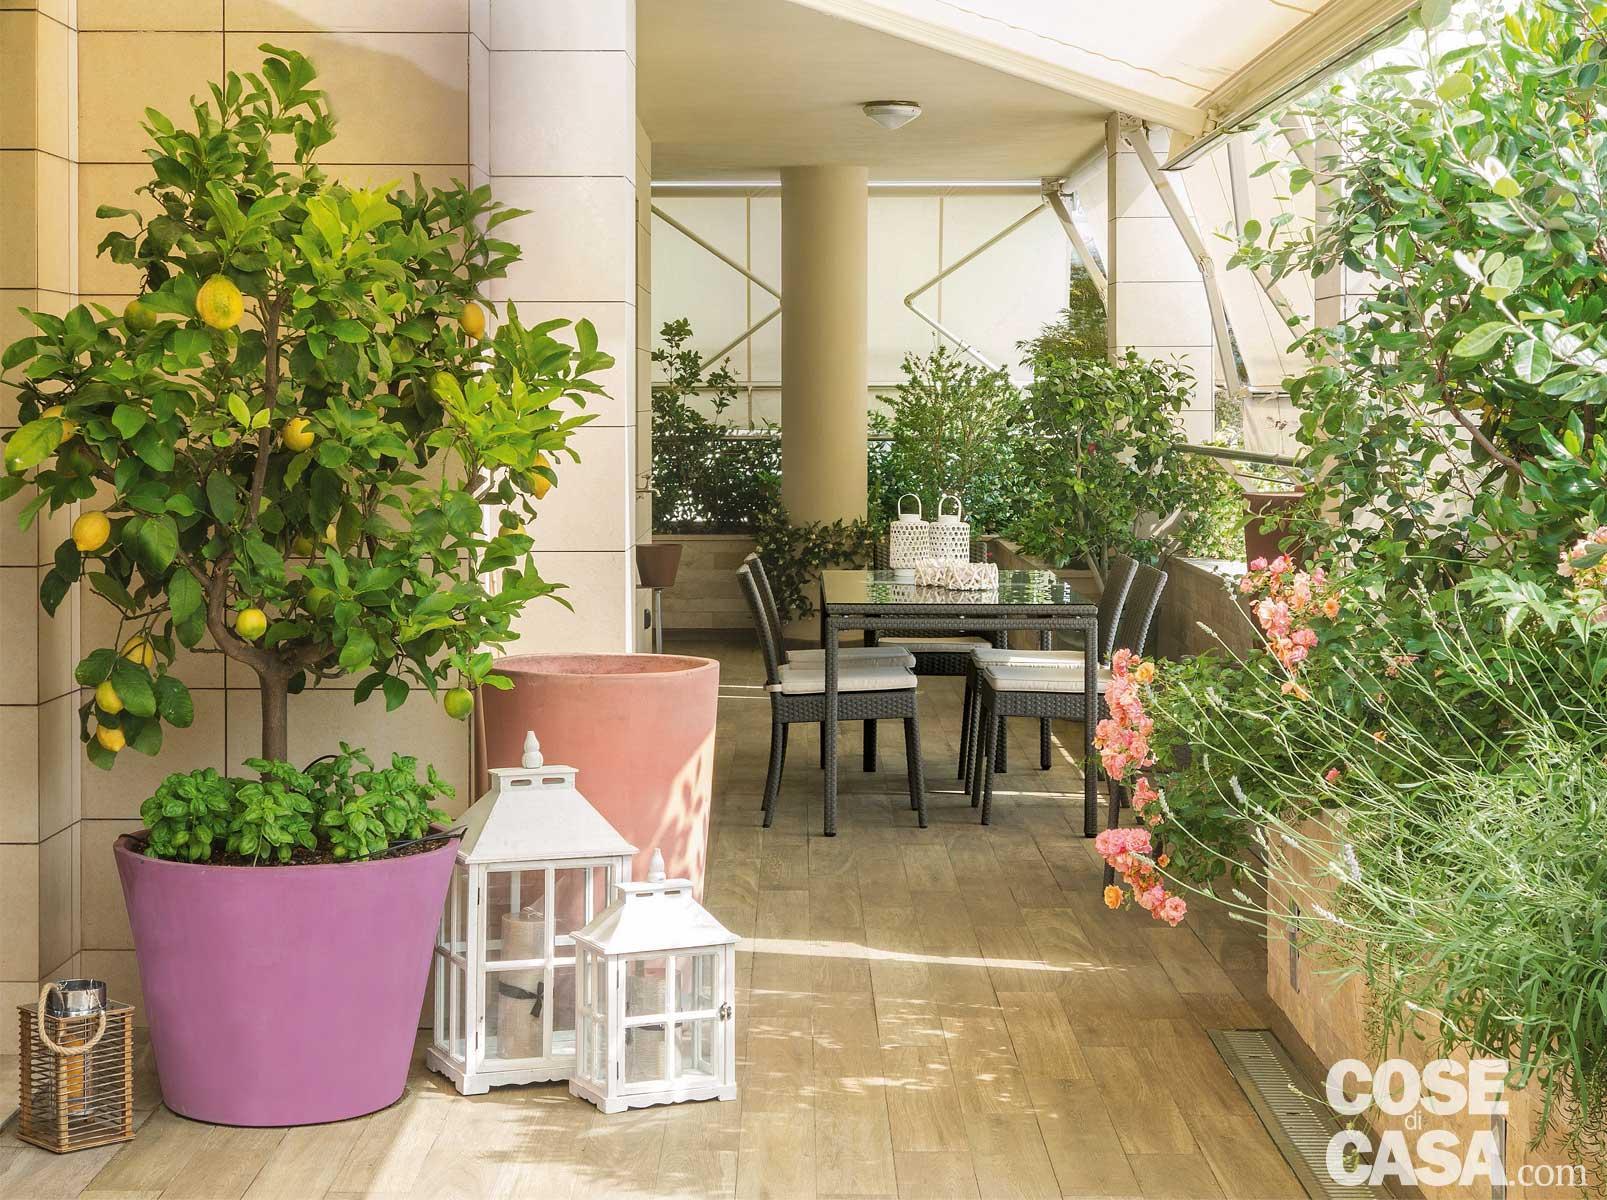 la terrazza diventa living arredare anche con le piante